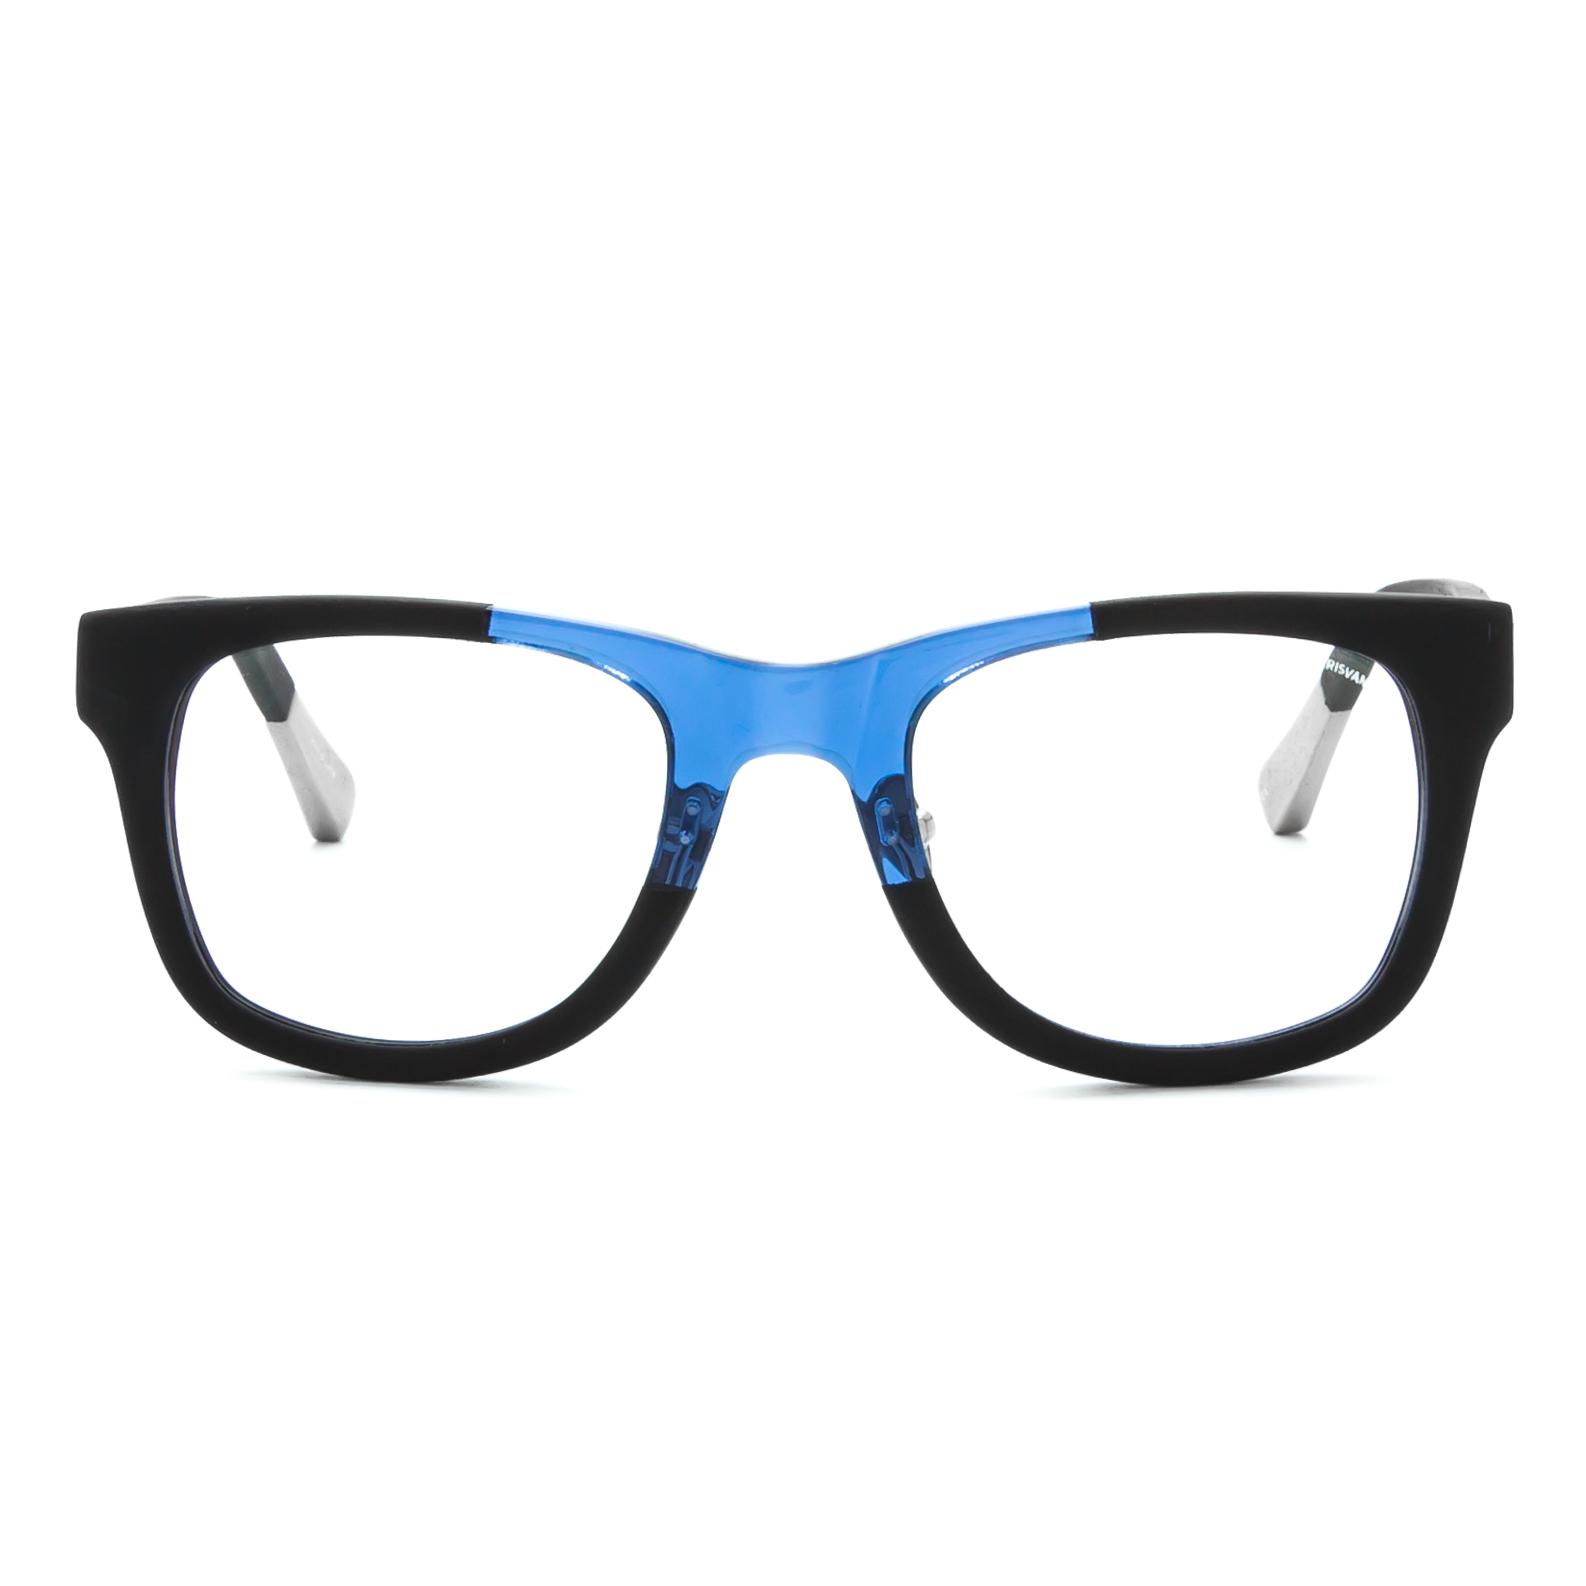 Vans Glasses Frames : Linda Farrow GalleryxKris Van Assche KVA 37 Eyeglasses ...